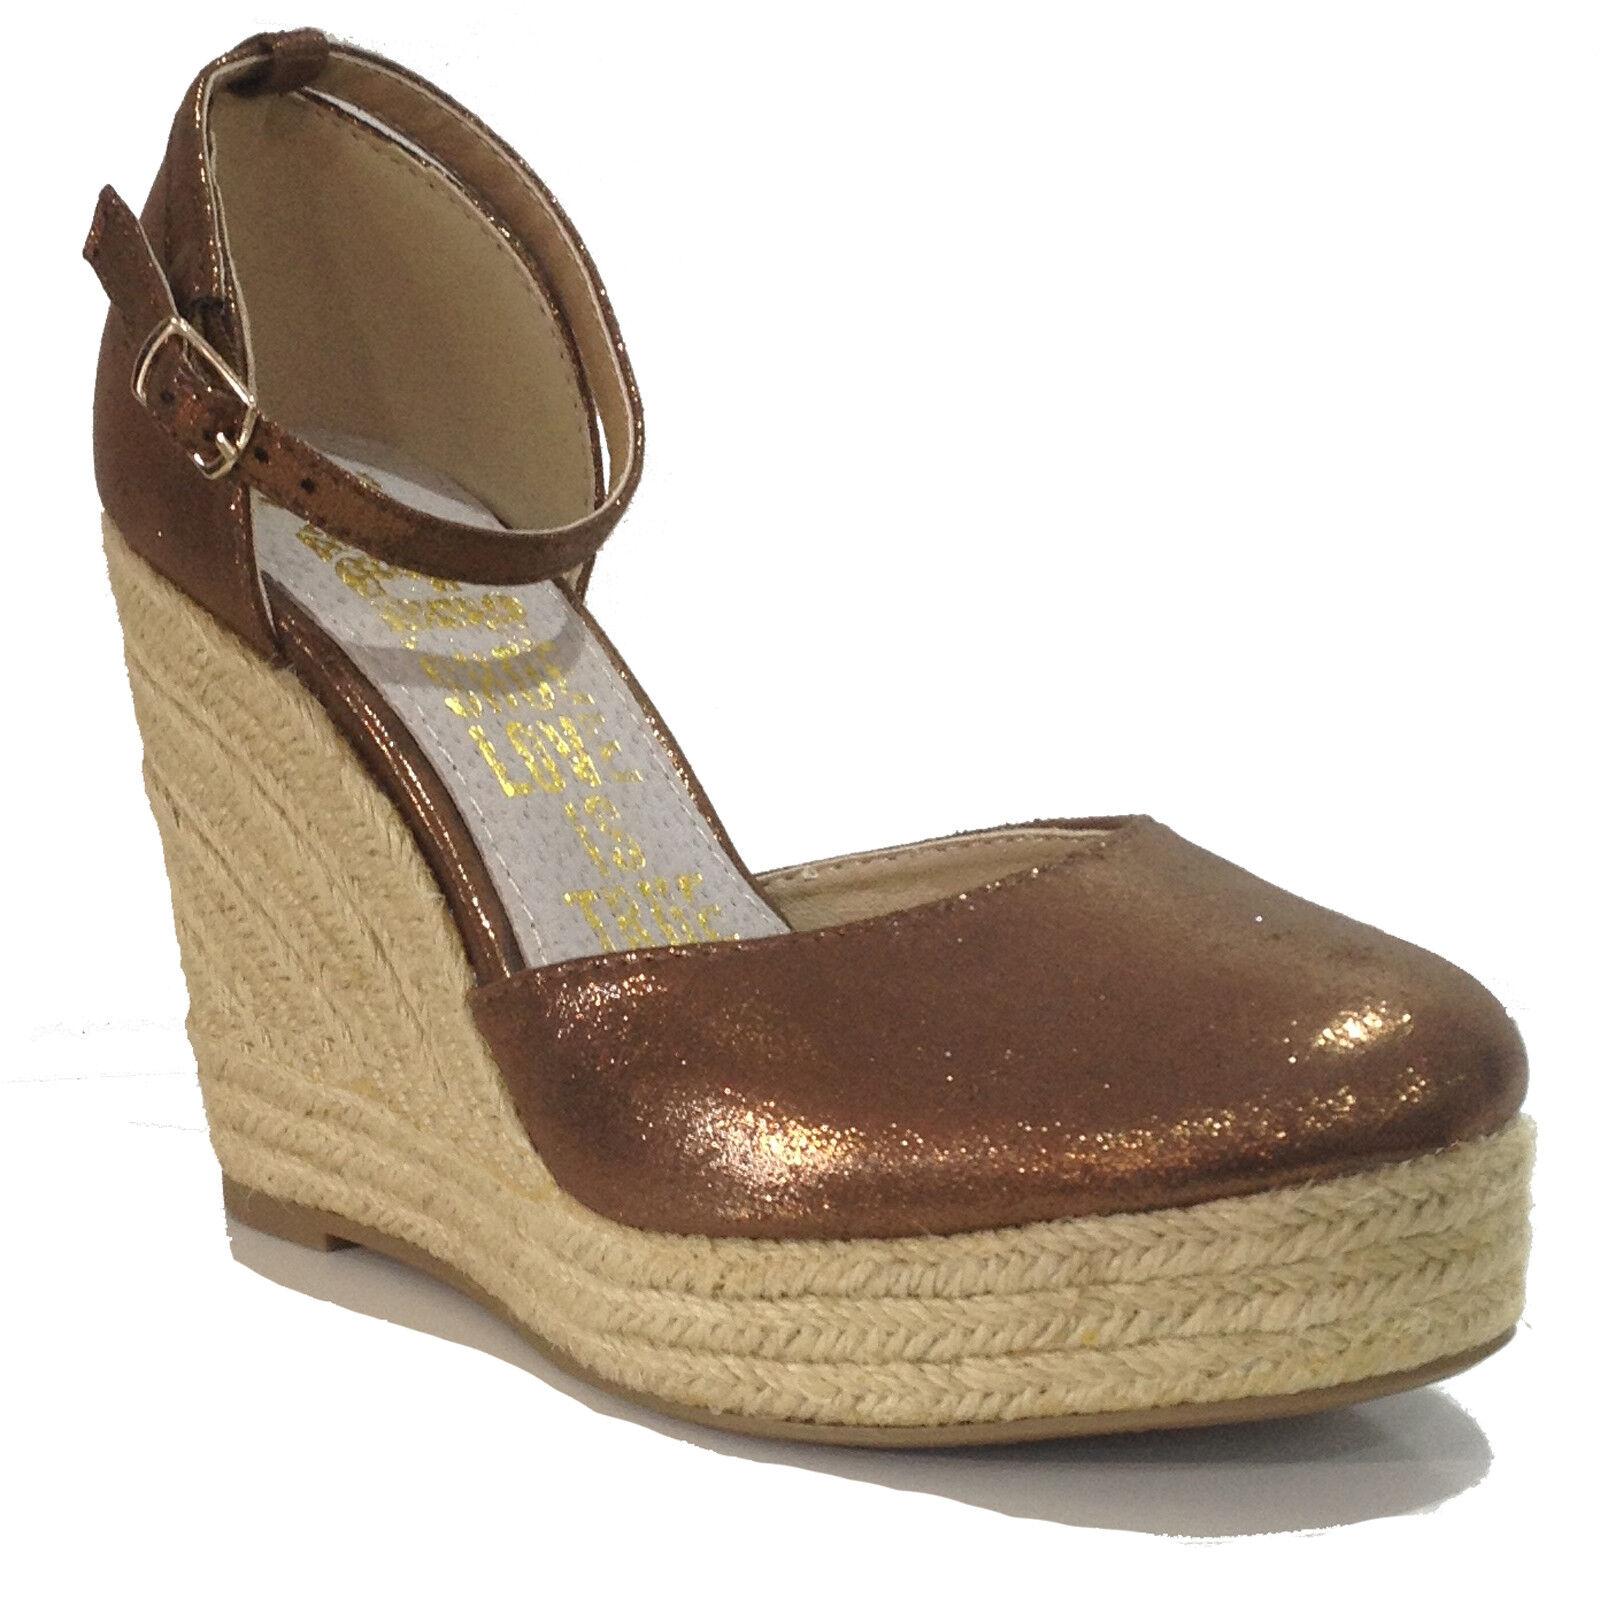 ☼ELEN☼ Sandale talons compensés - Xti -  - Ref: 0467